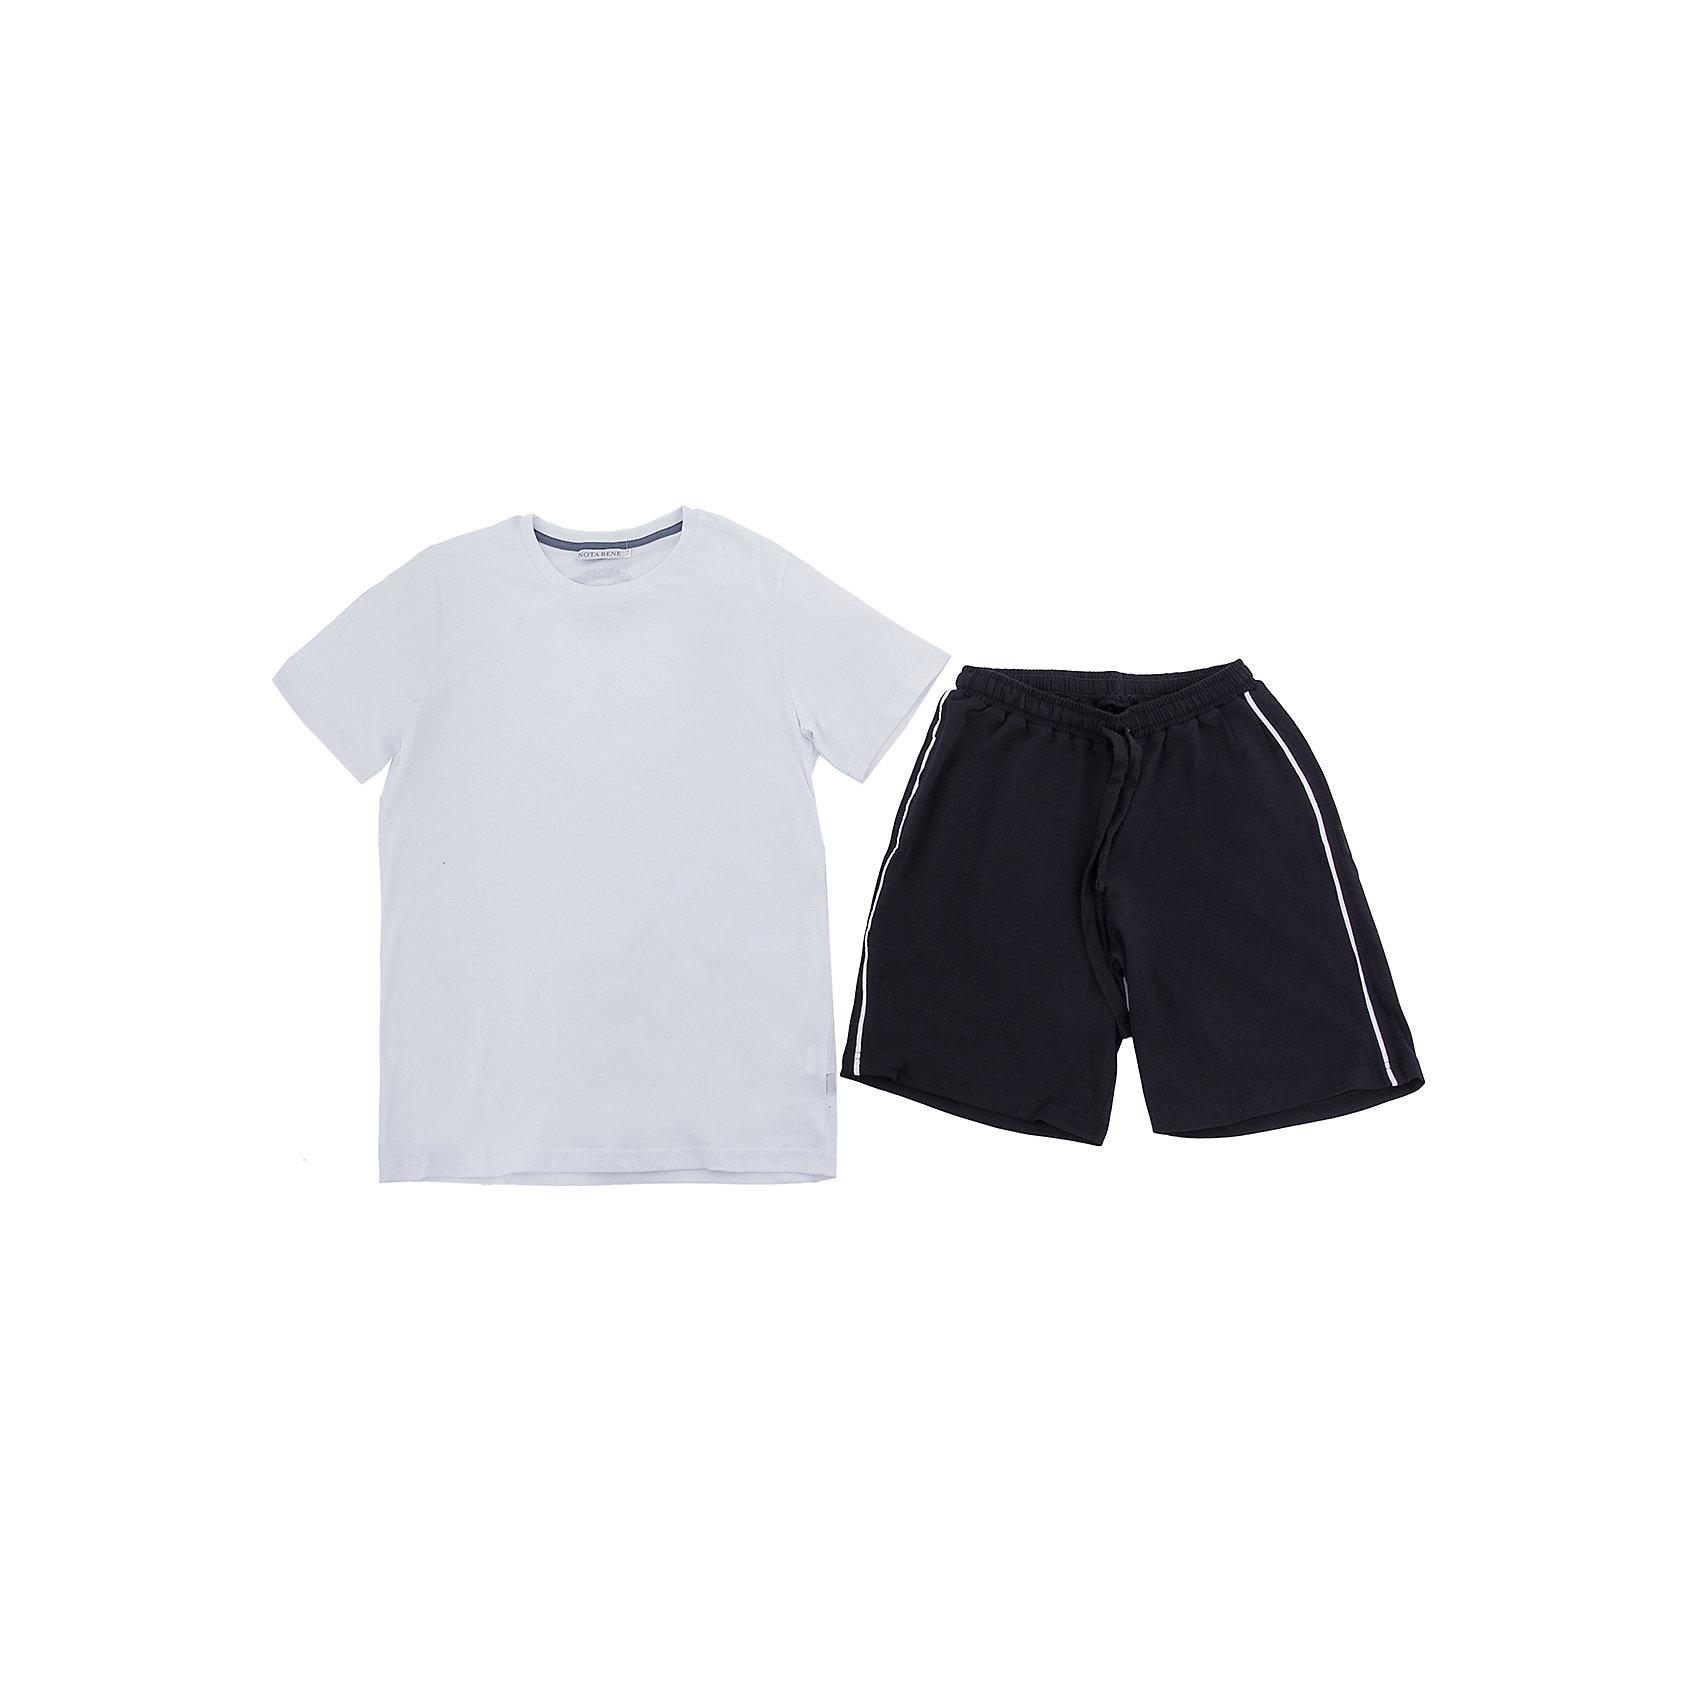 Комплект: футболка и шорты Nota Bene для мальчикаКомплекты<br>Характеристики товара:<br><br>• цвет: белый, черный<br>• комплектация: футболка и шорты <br>• состав: 100% хлопок<br>• сезон: лето<br>• особенности модели: спортивный стиль<br>• короткие рукава<br>• пояс: резинка, шнурок<br>• страна бренда: Россия<br>• страна производства: Россия<br><br>Этот детский комплект отличается продуманным лаконичным дизайном. Трикотажный комплект для ребенка сделан из натурального дышащего материала. Хлопковый комплект для мальчика аккуратно смотрится и комфортно сидит по фигуре. <br><br>Комплект: футболка и шорты Nota Bene для мальчика можно купить в нашем интернет-магазине.<br><br>Ширина мм: 191<br>Глубина мм: 10<br>Высота мм: 175<br>Вес г: 273<br>Цвет: белый<br>Возраст от месяцев: 144<br>Возраст до месяцев: 156<br>Пол: Мужской<br>Возраст: Детский<br>Размер: 158<br>SKU: 7012671